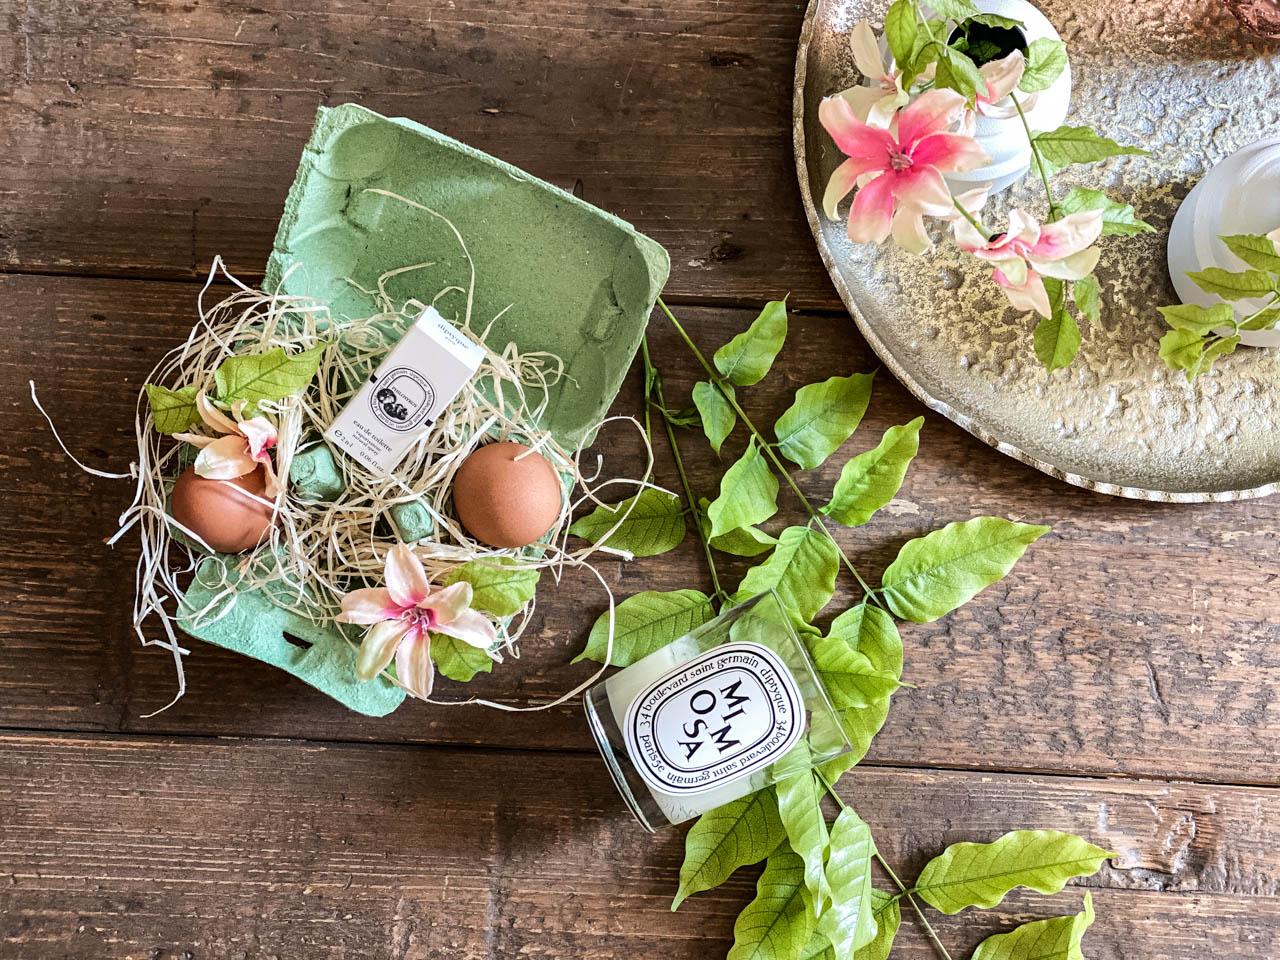 Zeitgeist Living & Douglas Beauty Geschenke zu Ostern